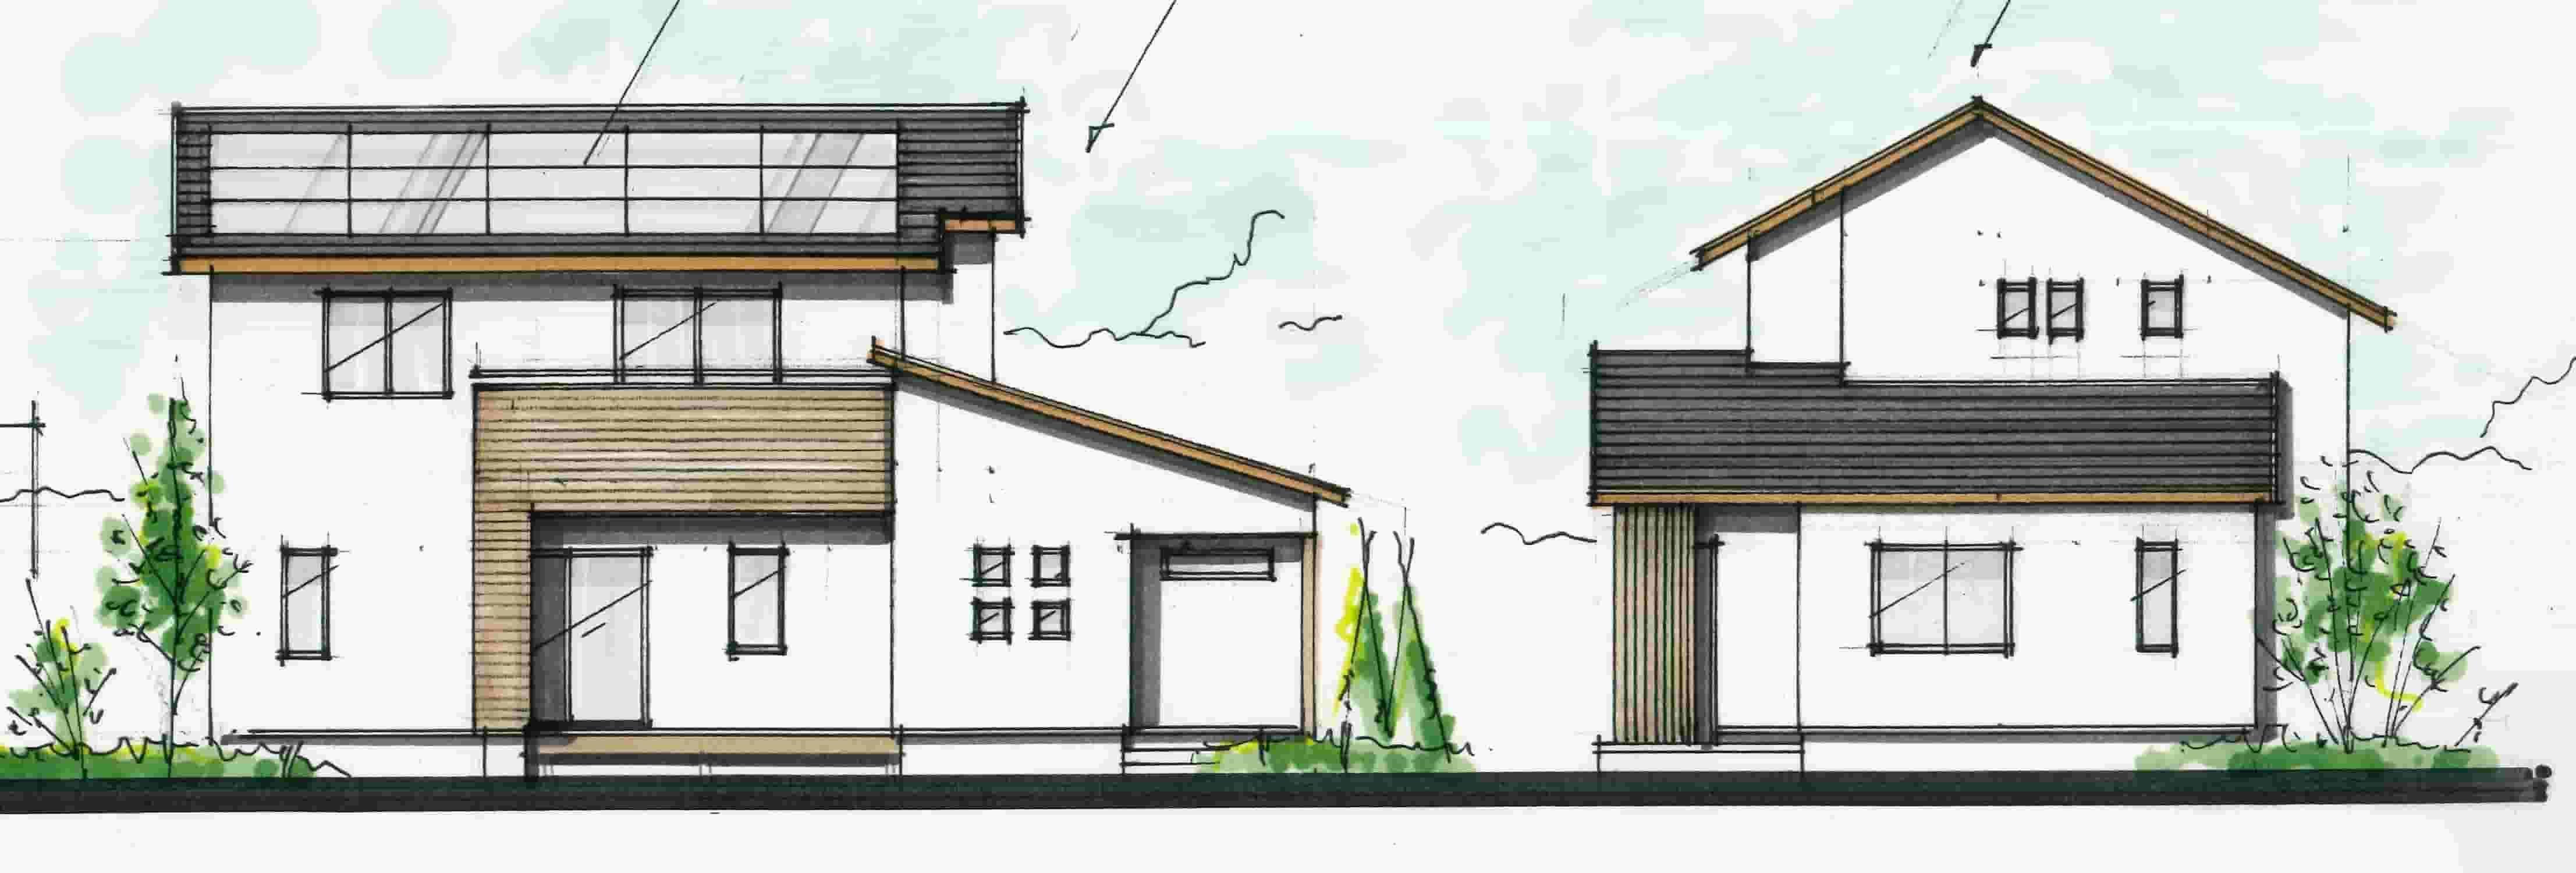 1階に寝室のある間取り 家のデザイン 間取り 平屋 外観 デザイン